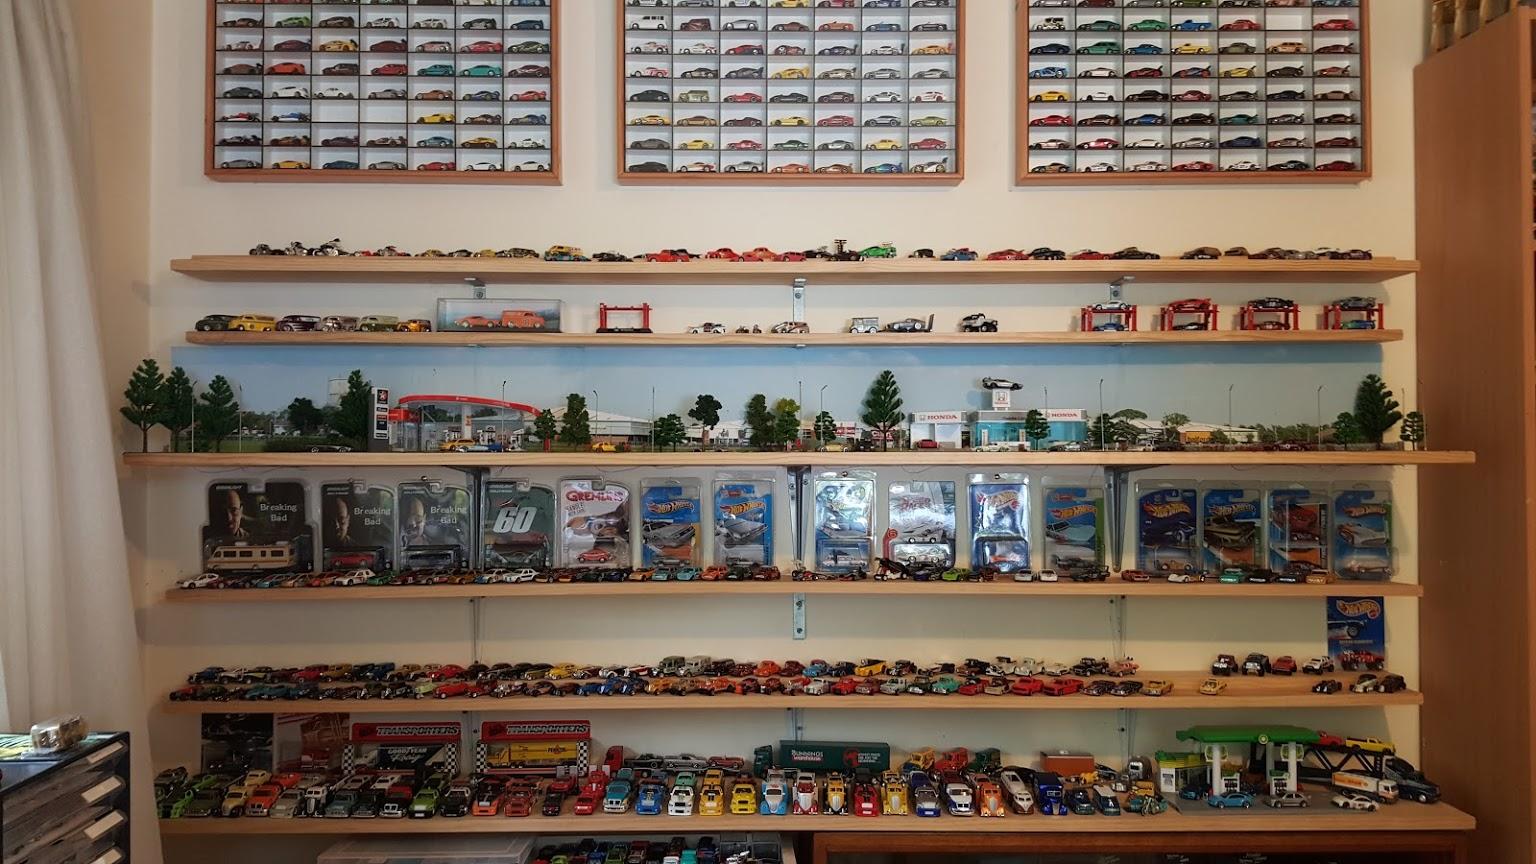 plain car garage ideas - My Diecast Cars & Hotwheels Collection Video Walk Through